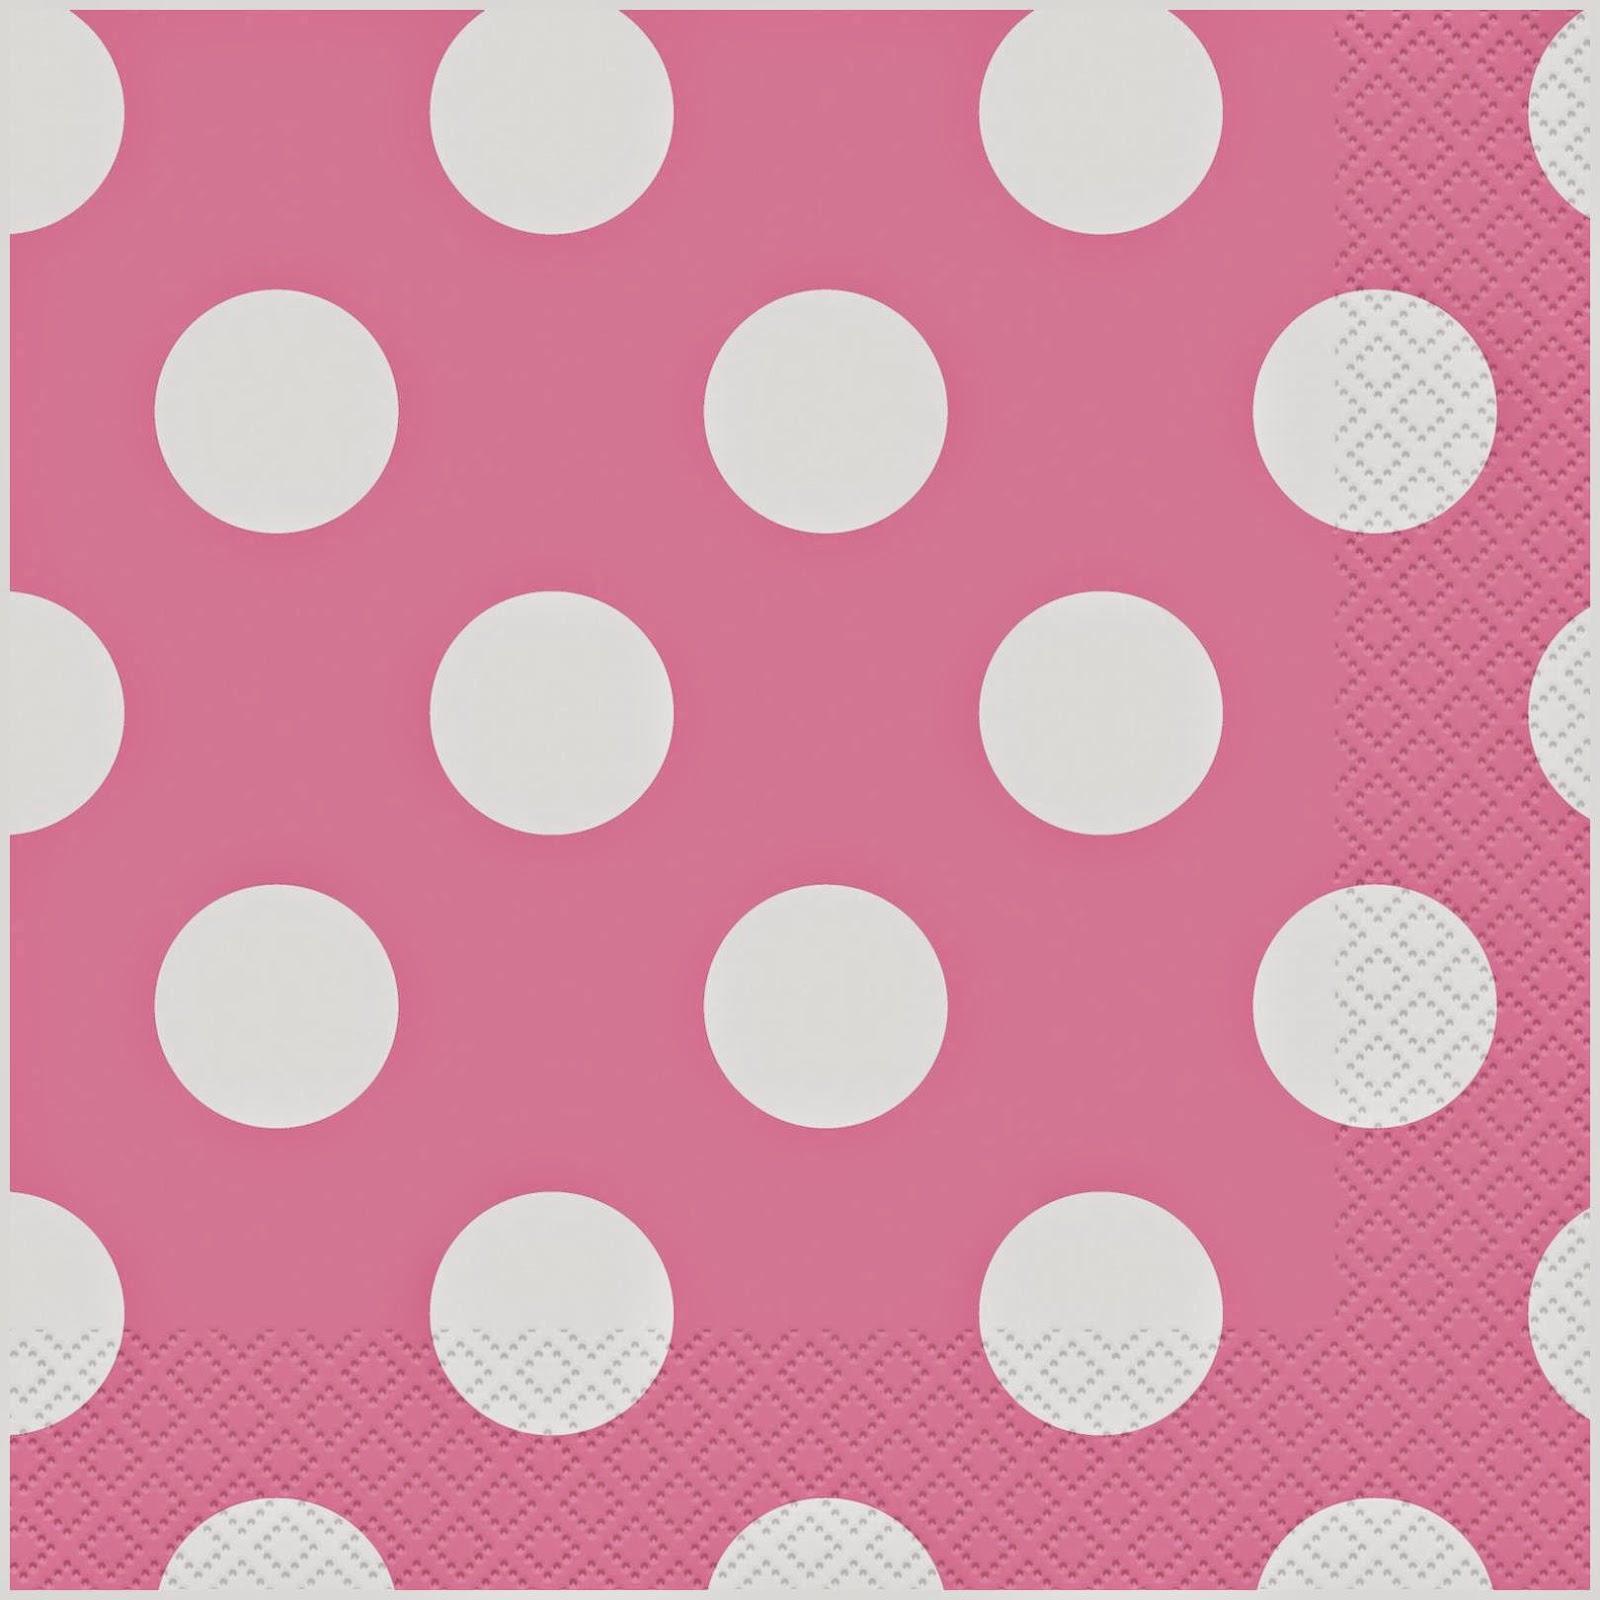 Pink Polka Dots Napkins